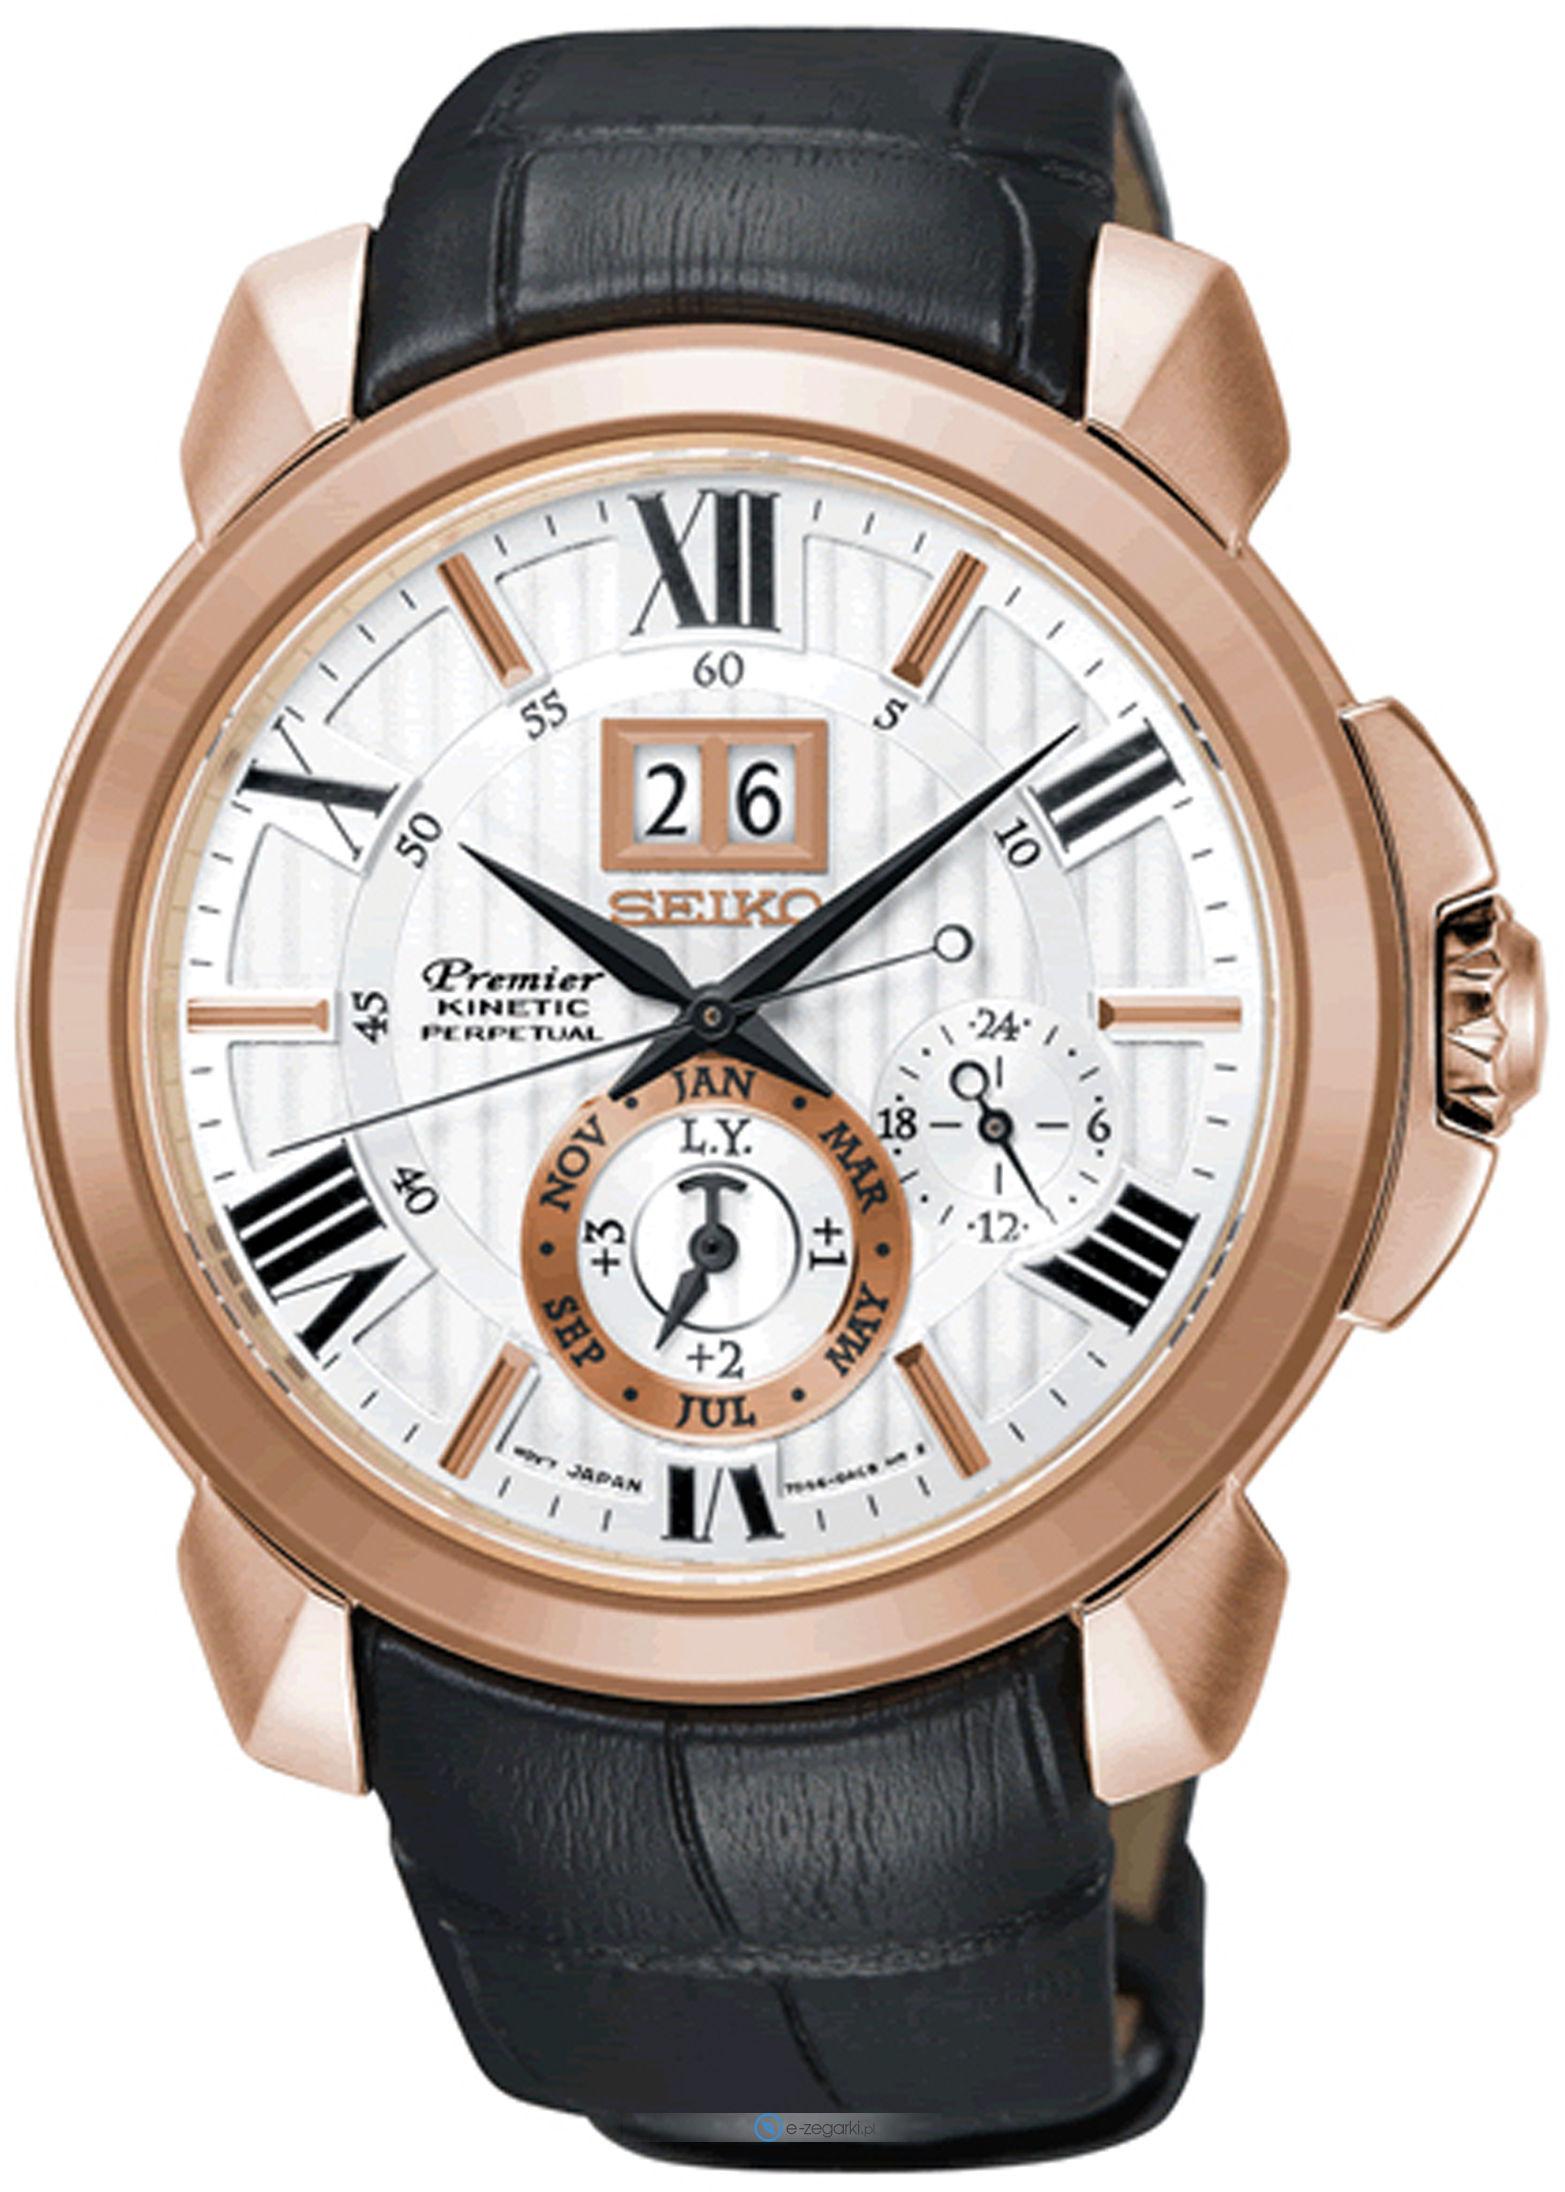 นาฬิกาผู้ชาย Seiko รุ่น SNP150P1, Premier Kinetic Perpetual